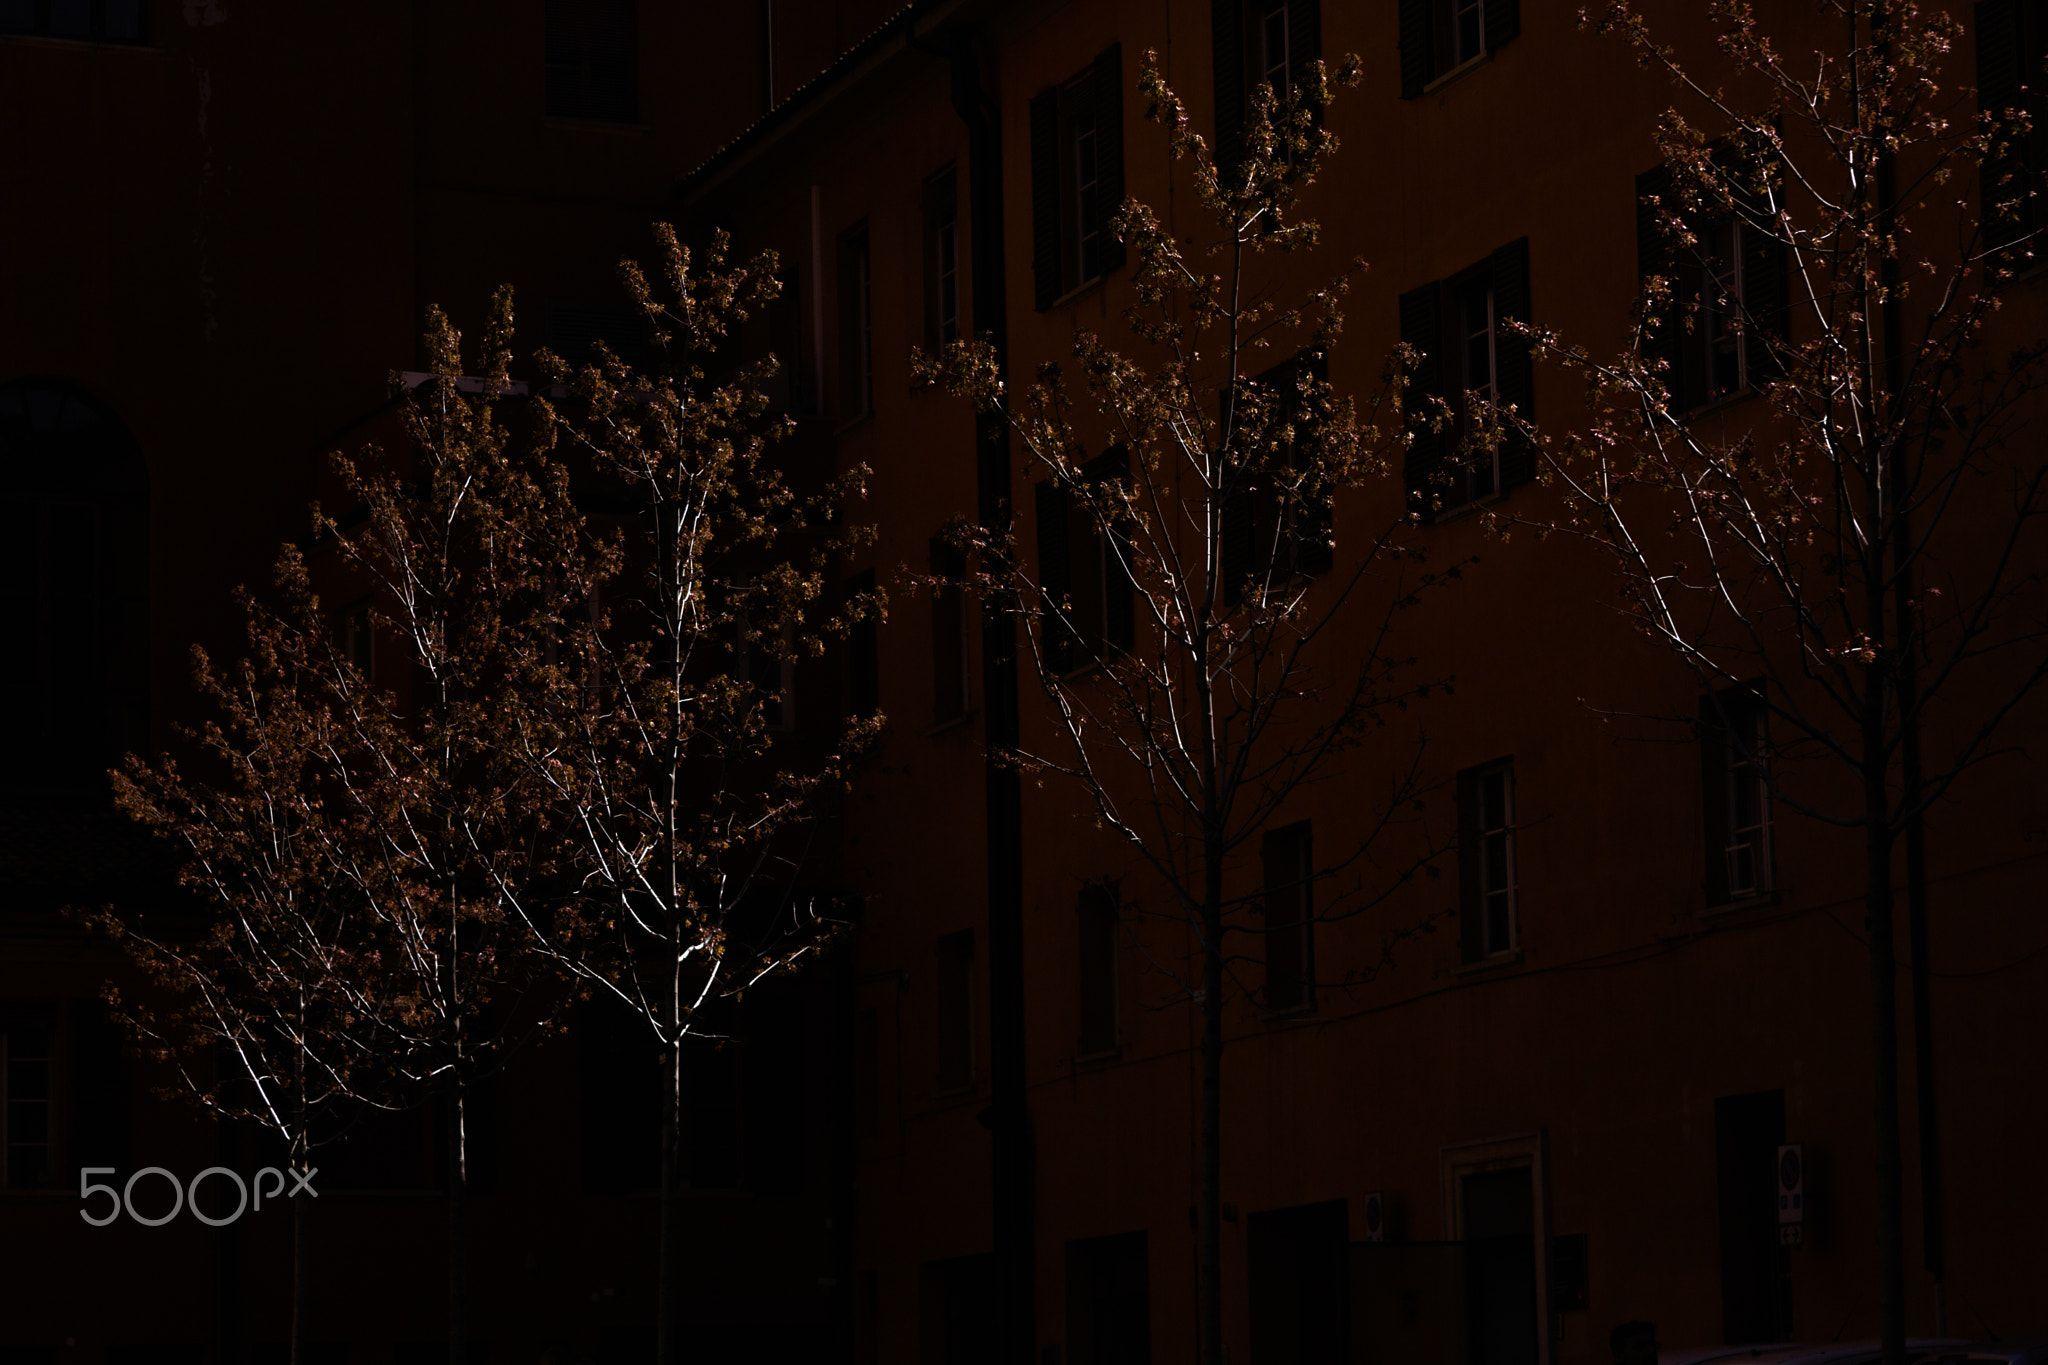 Le piante conoscono la luce - Le piante conoscono bene i distinti sapori della luce (Diego Chozas)